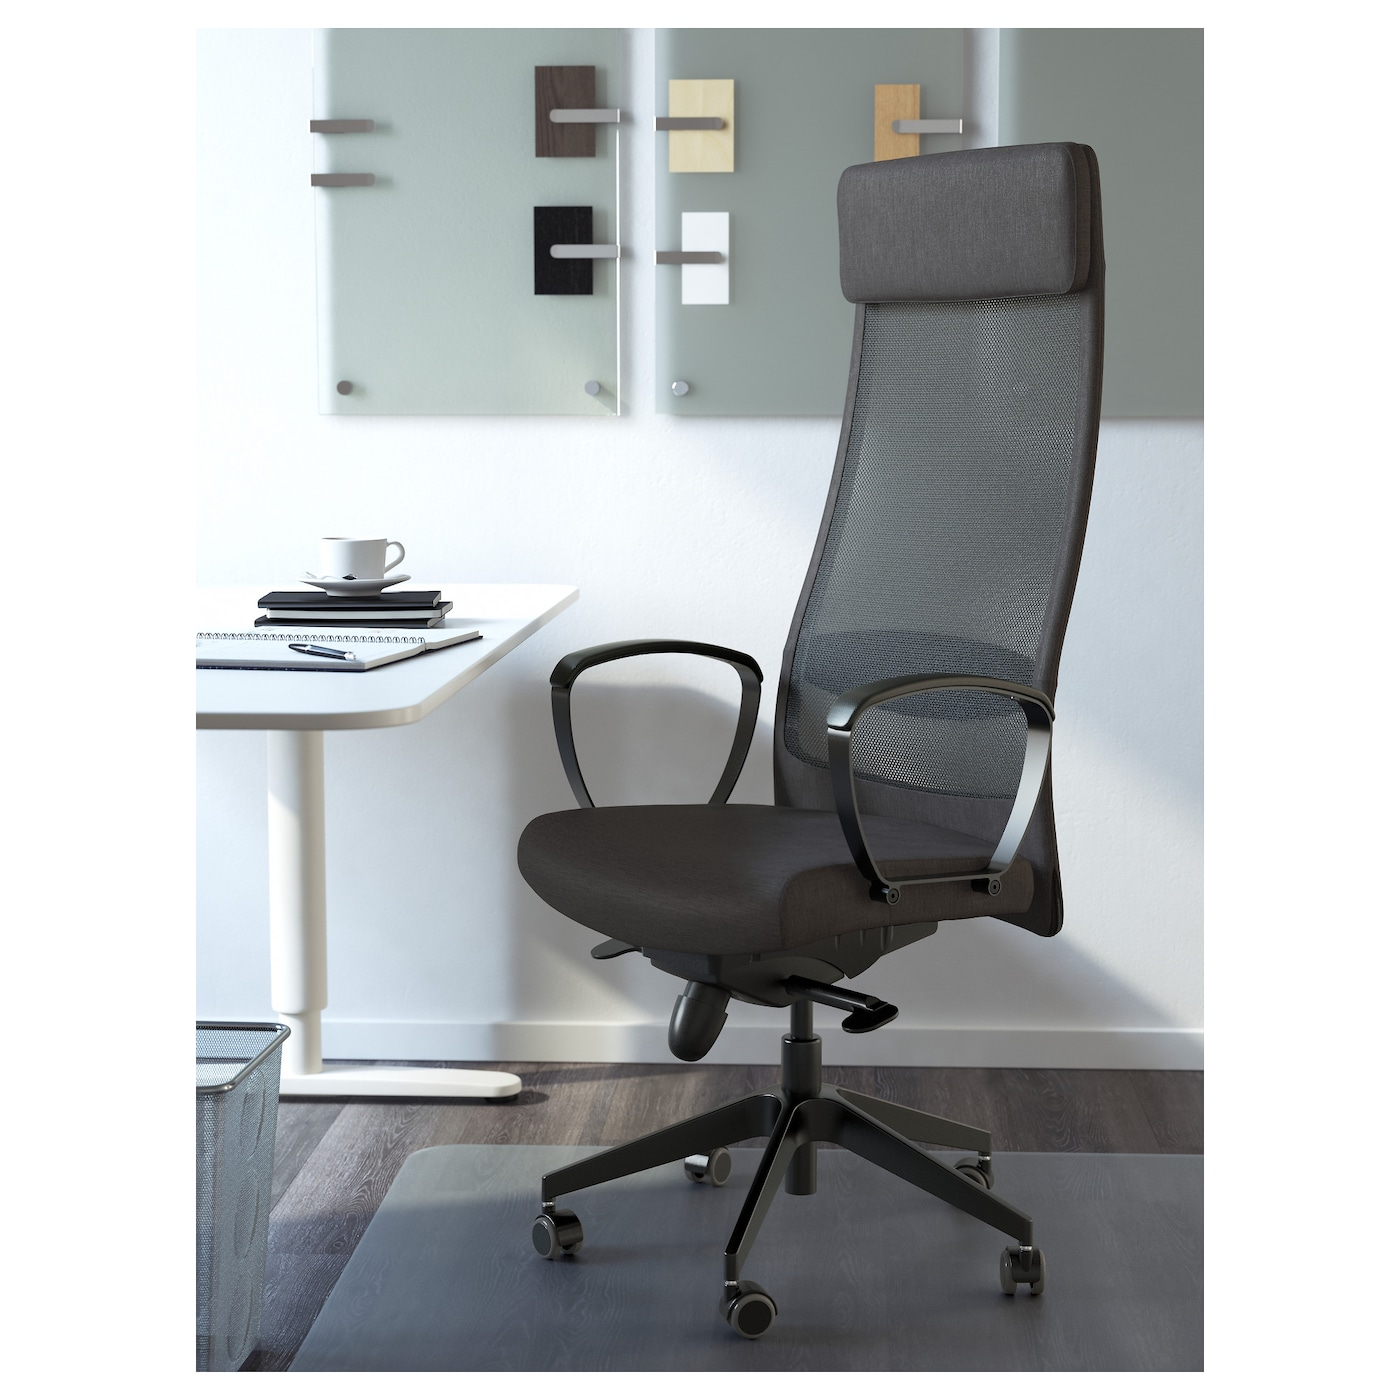 markus chaise pivotante vissle gris fonc ikea. Black Bedroom Furniture Sets. Home Design Ideas